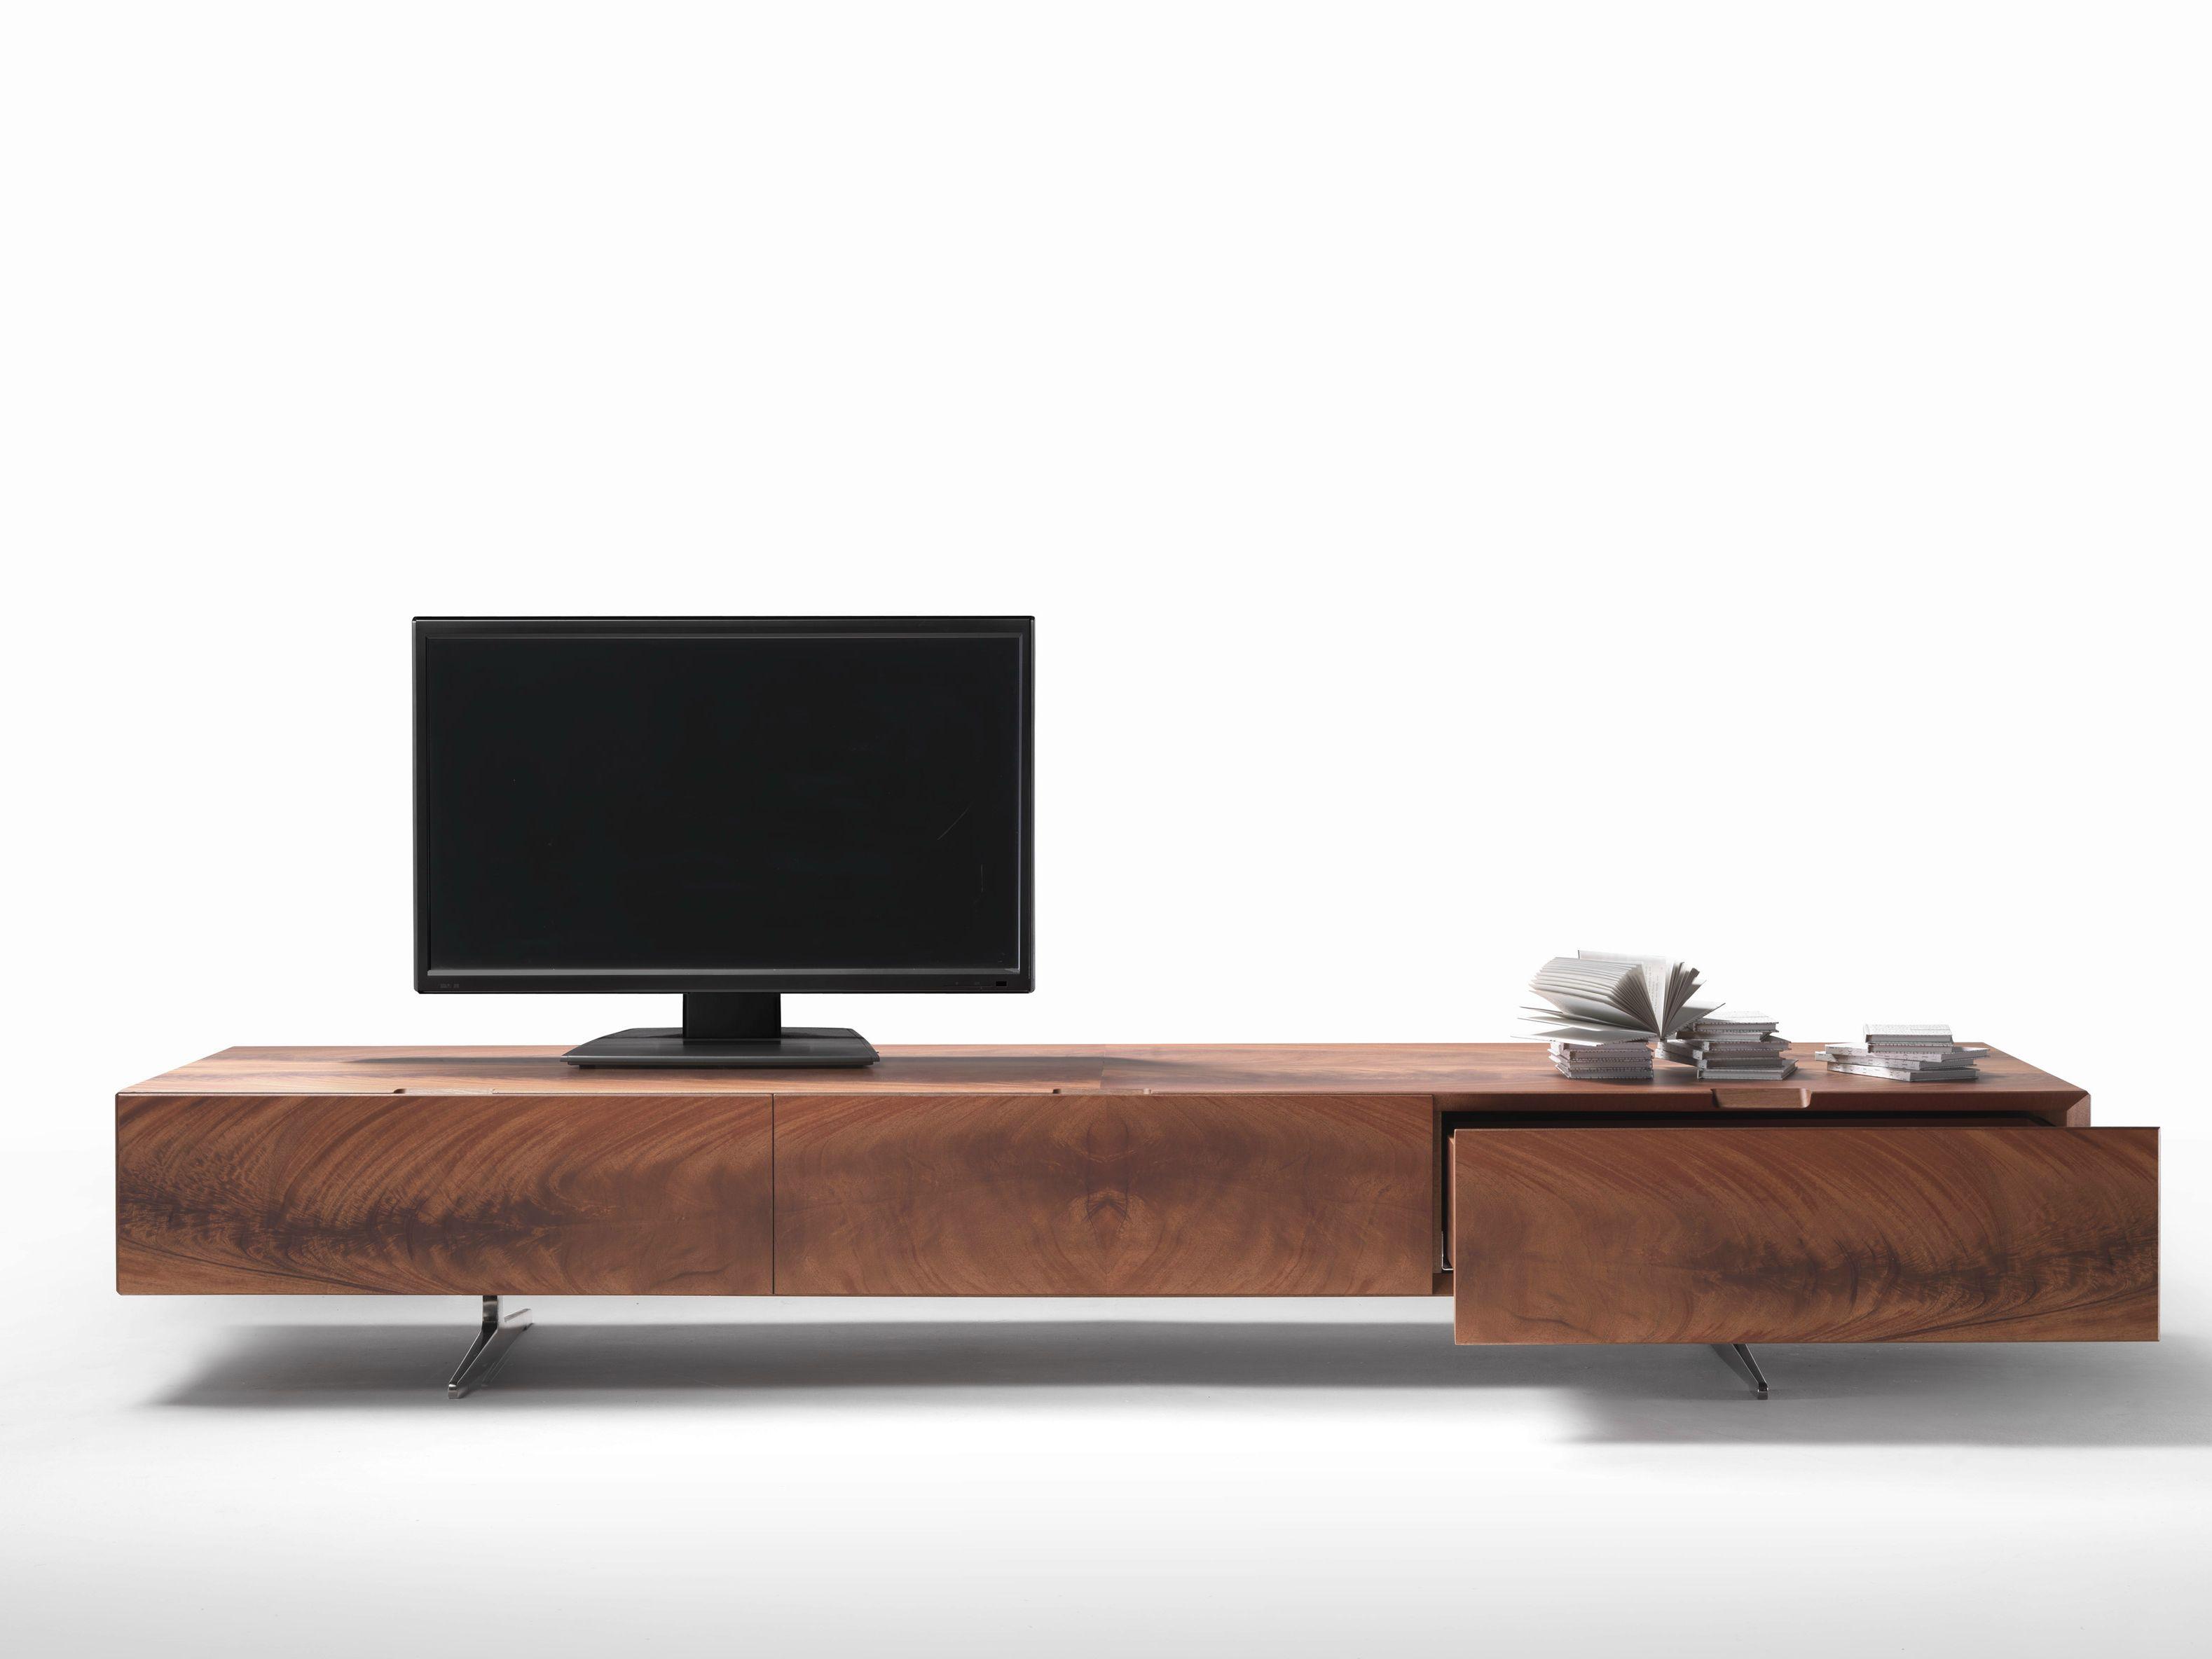 lowboards design möbel